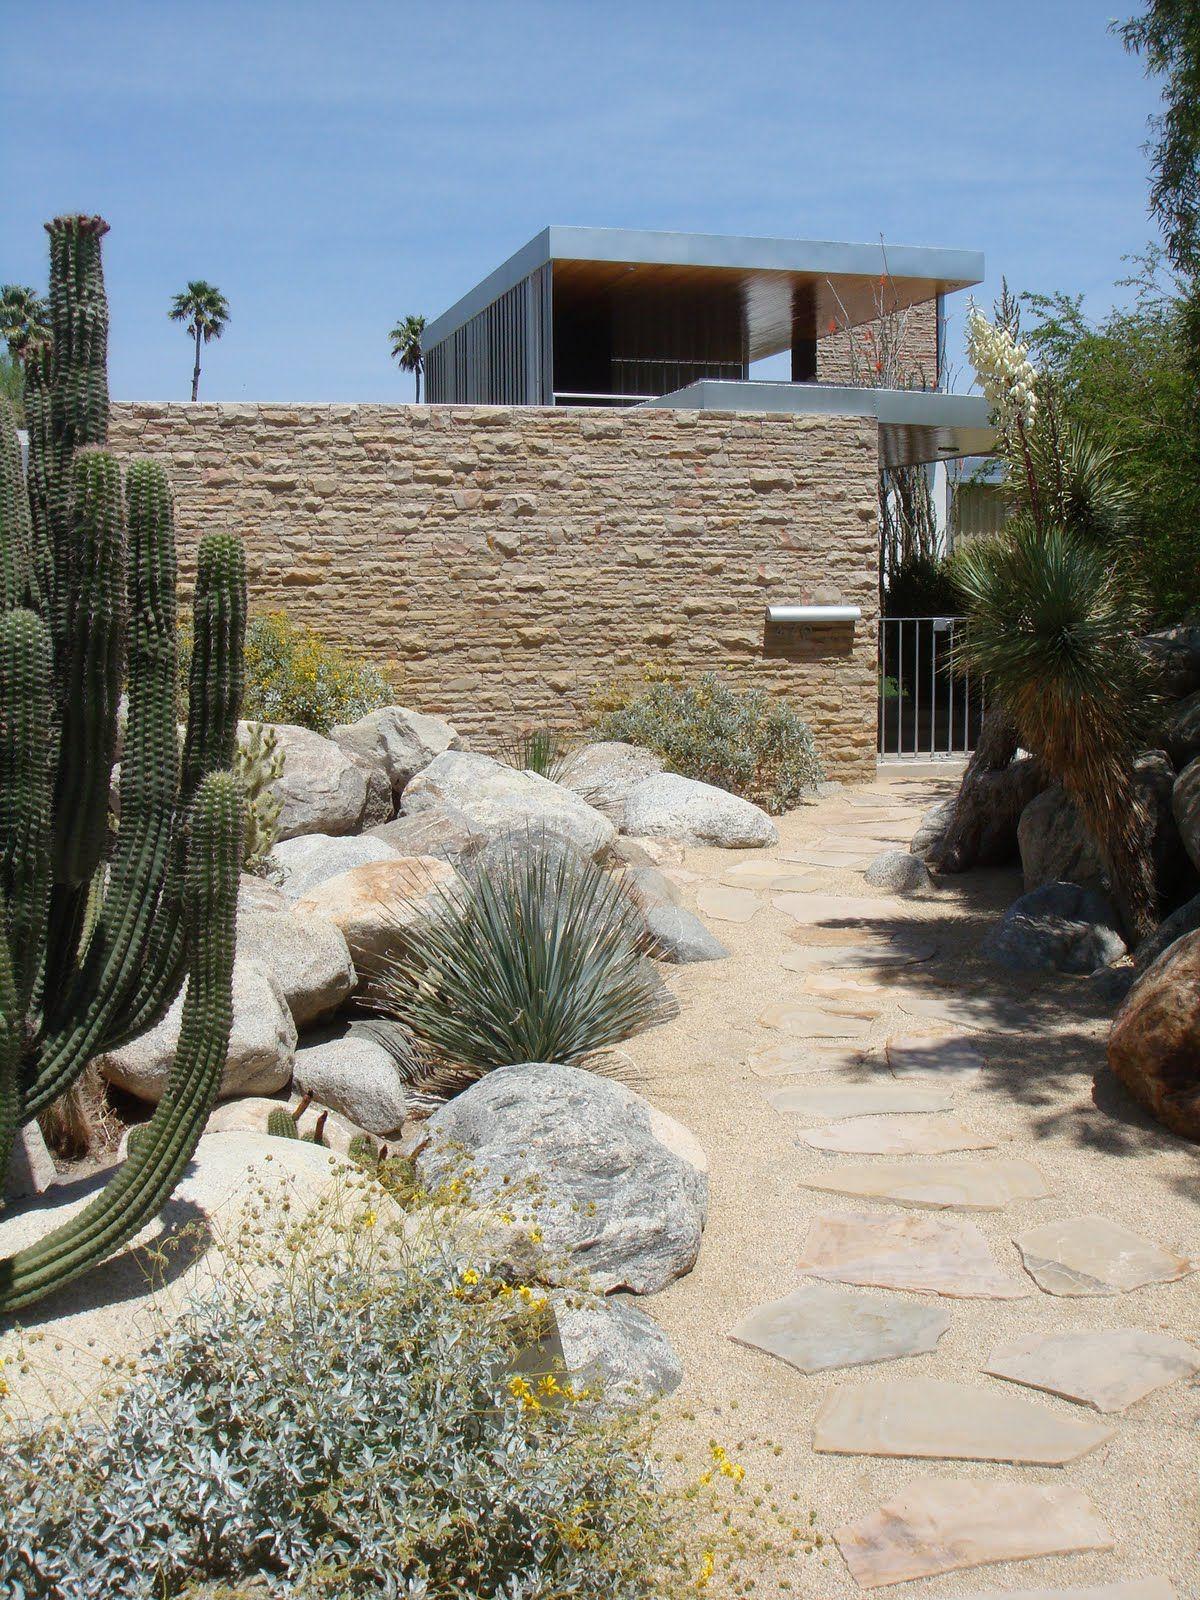 kaufmann house. palm springs california